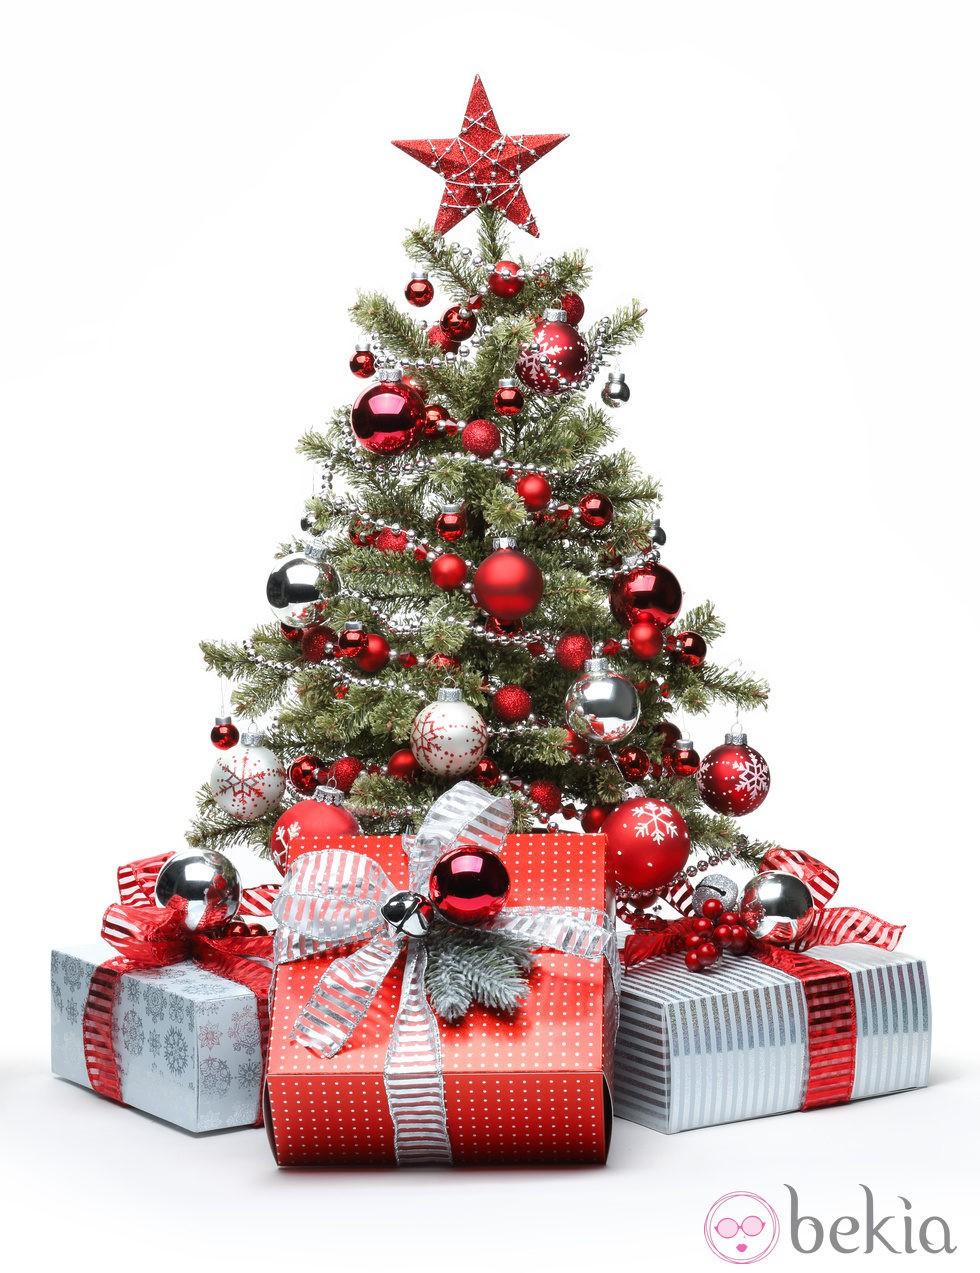 Imagenes arbol navidad decorados imagui - Imagenes de arboles navidad decorados ...